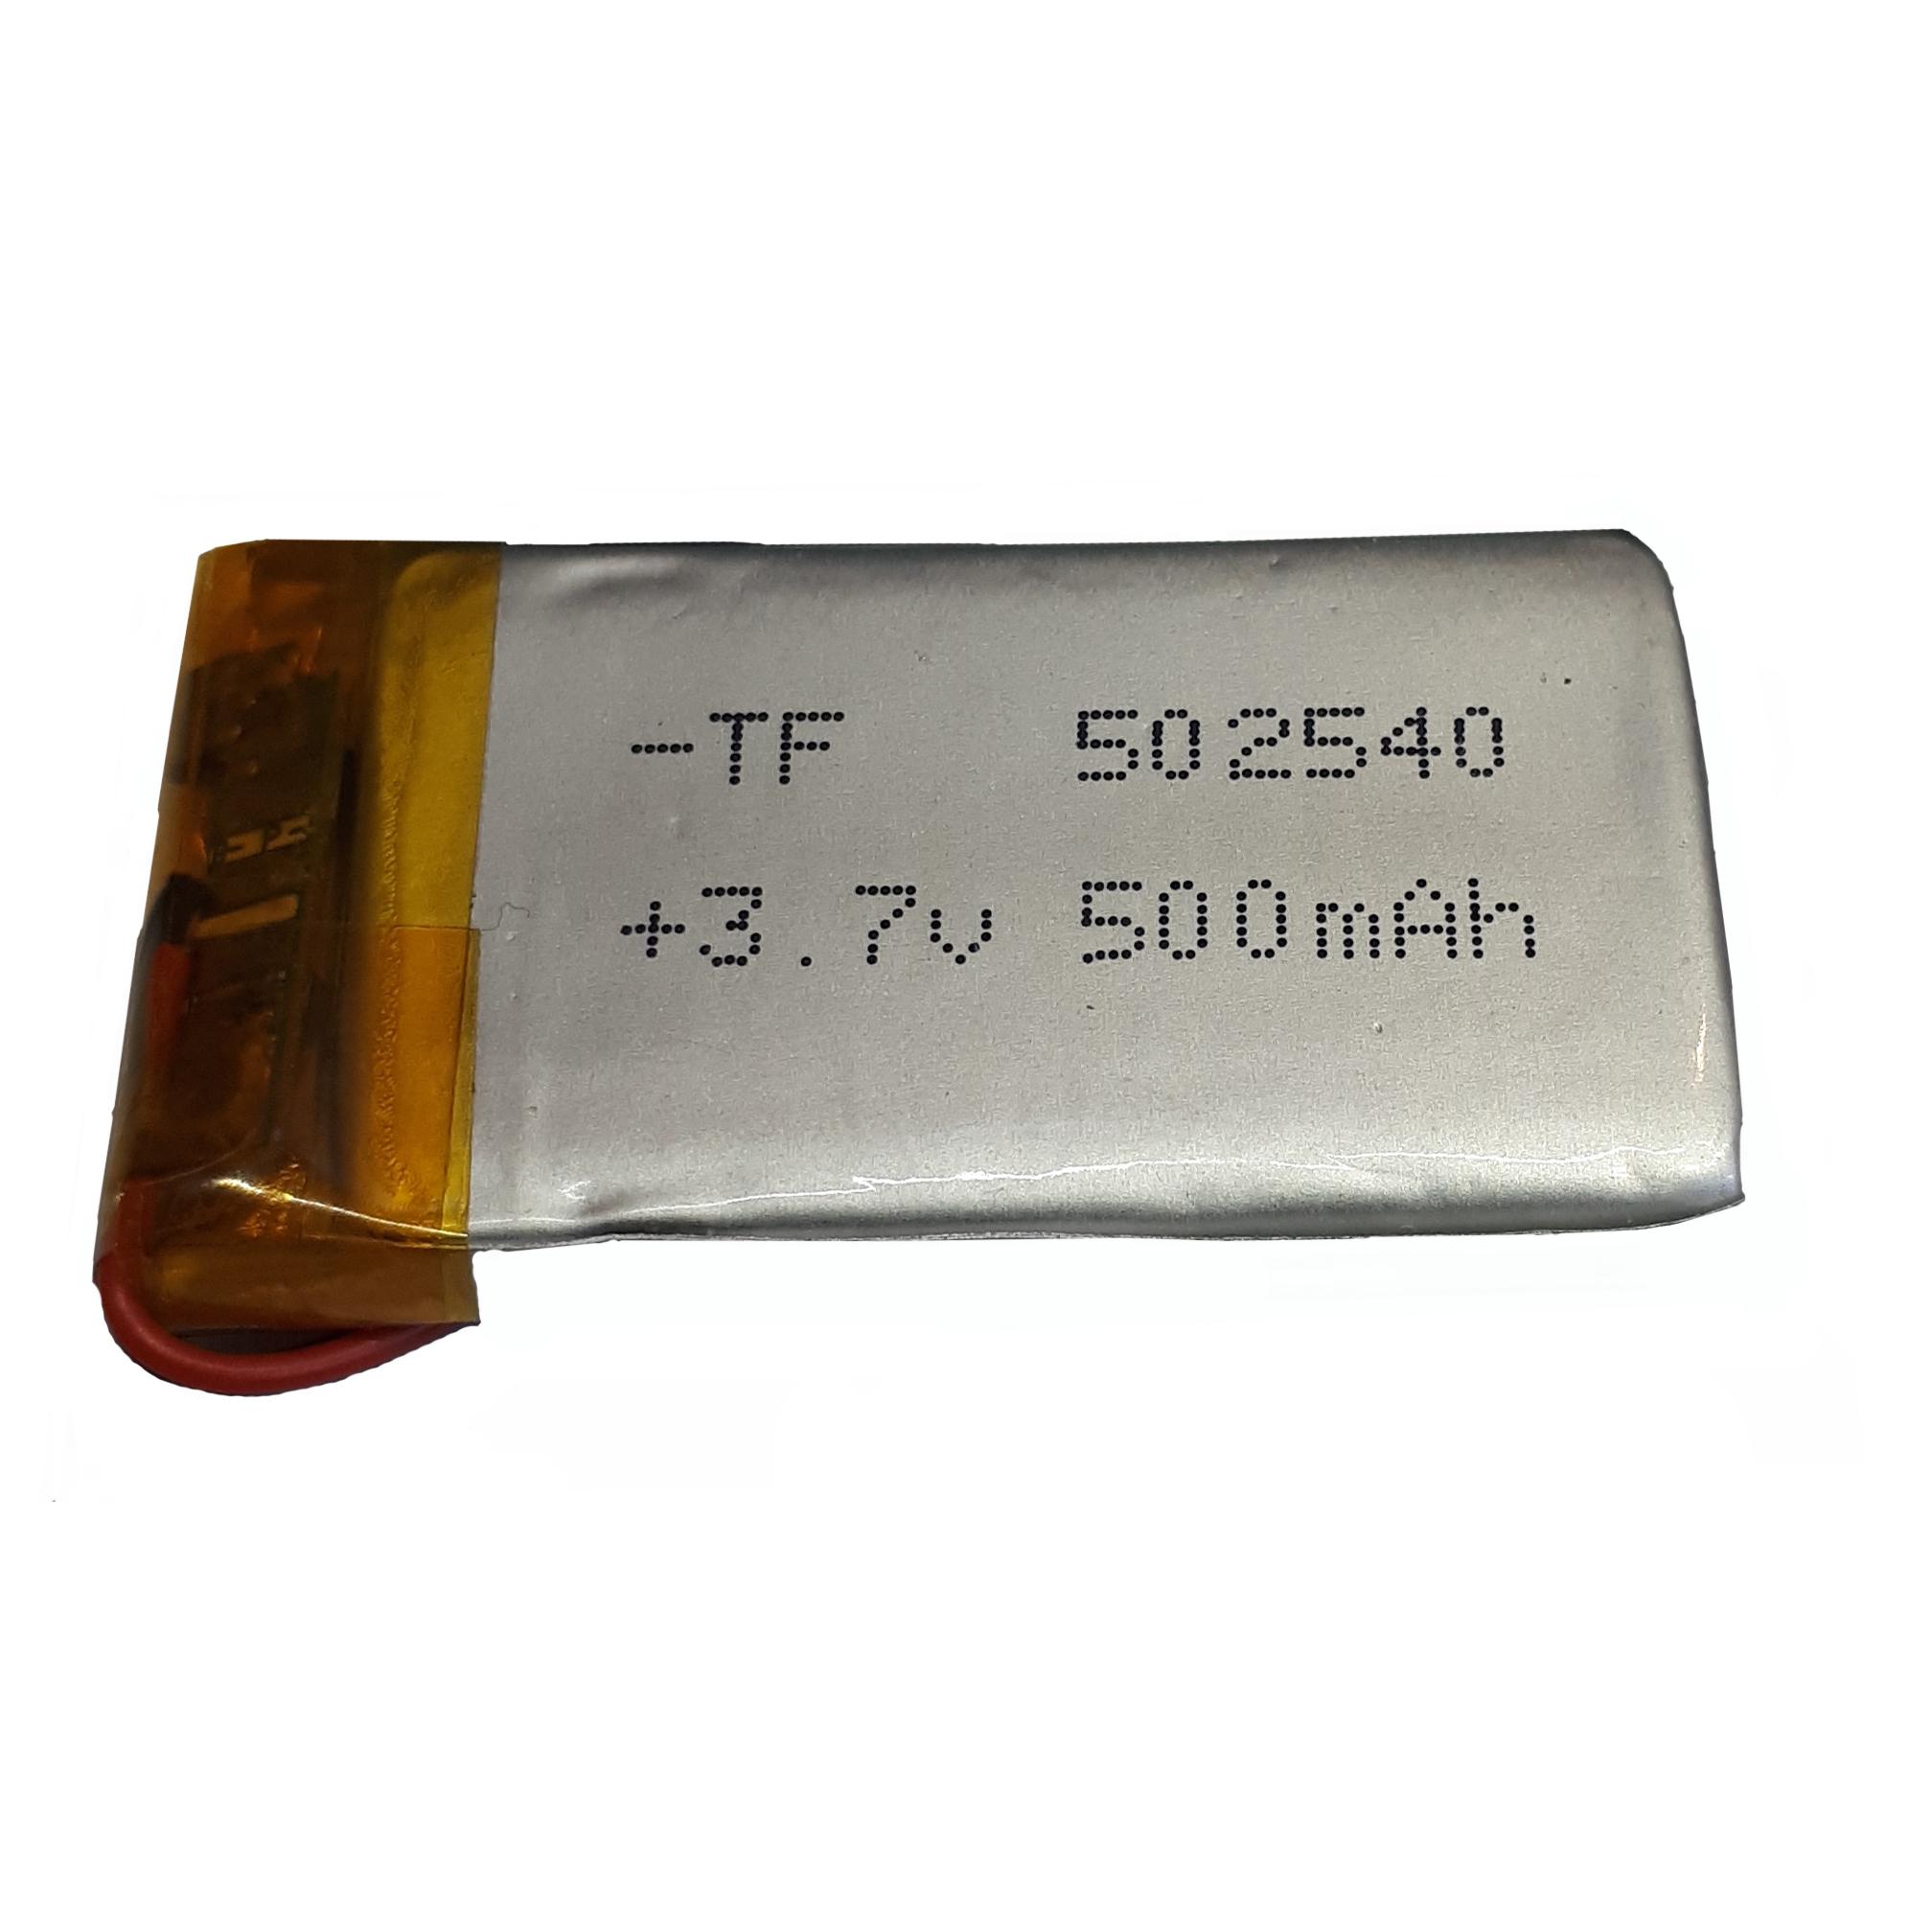 باتری لیتیوم-یون کد 502540 ظرفیت 500 میلی آمپر ساعت